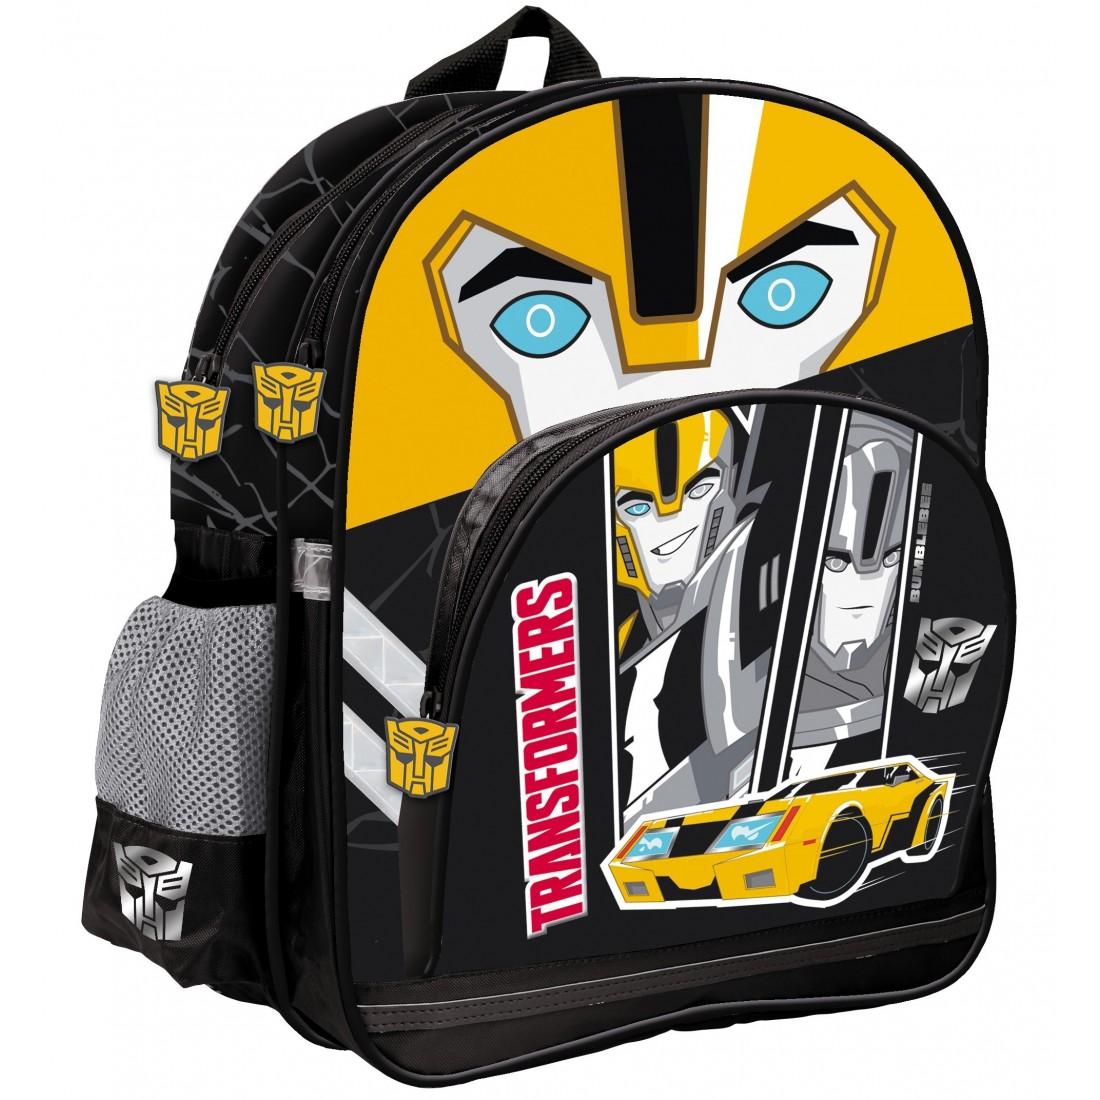 Plecak Szkolny Transformers Bumblebee - plecak-tornister.pl